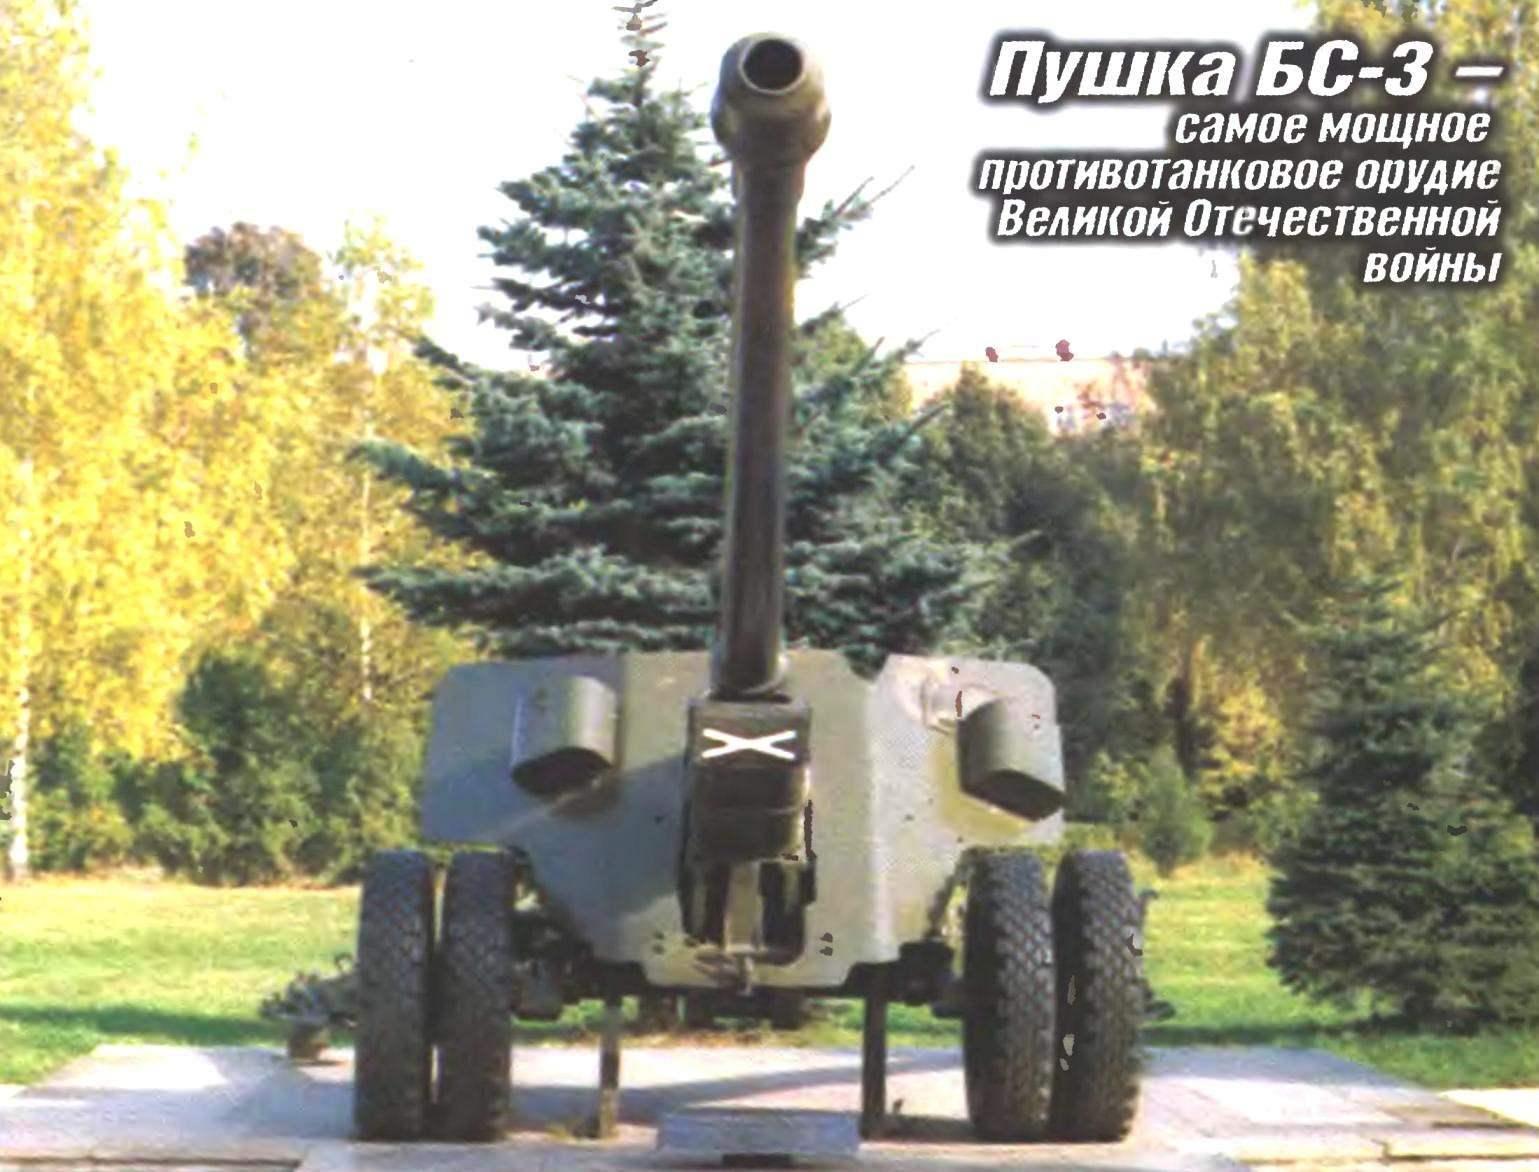 НЕСТАРЕЮЩАЯ БС-3